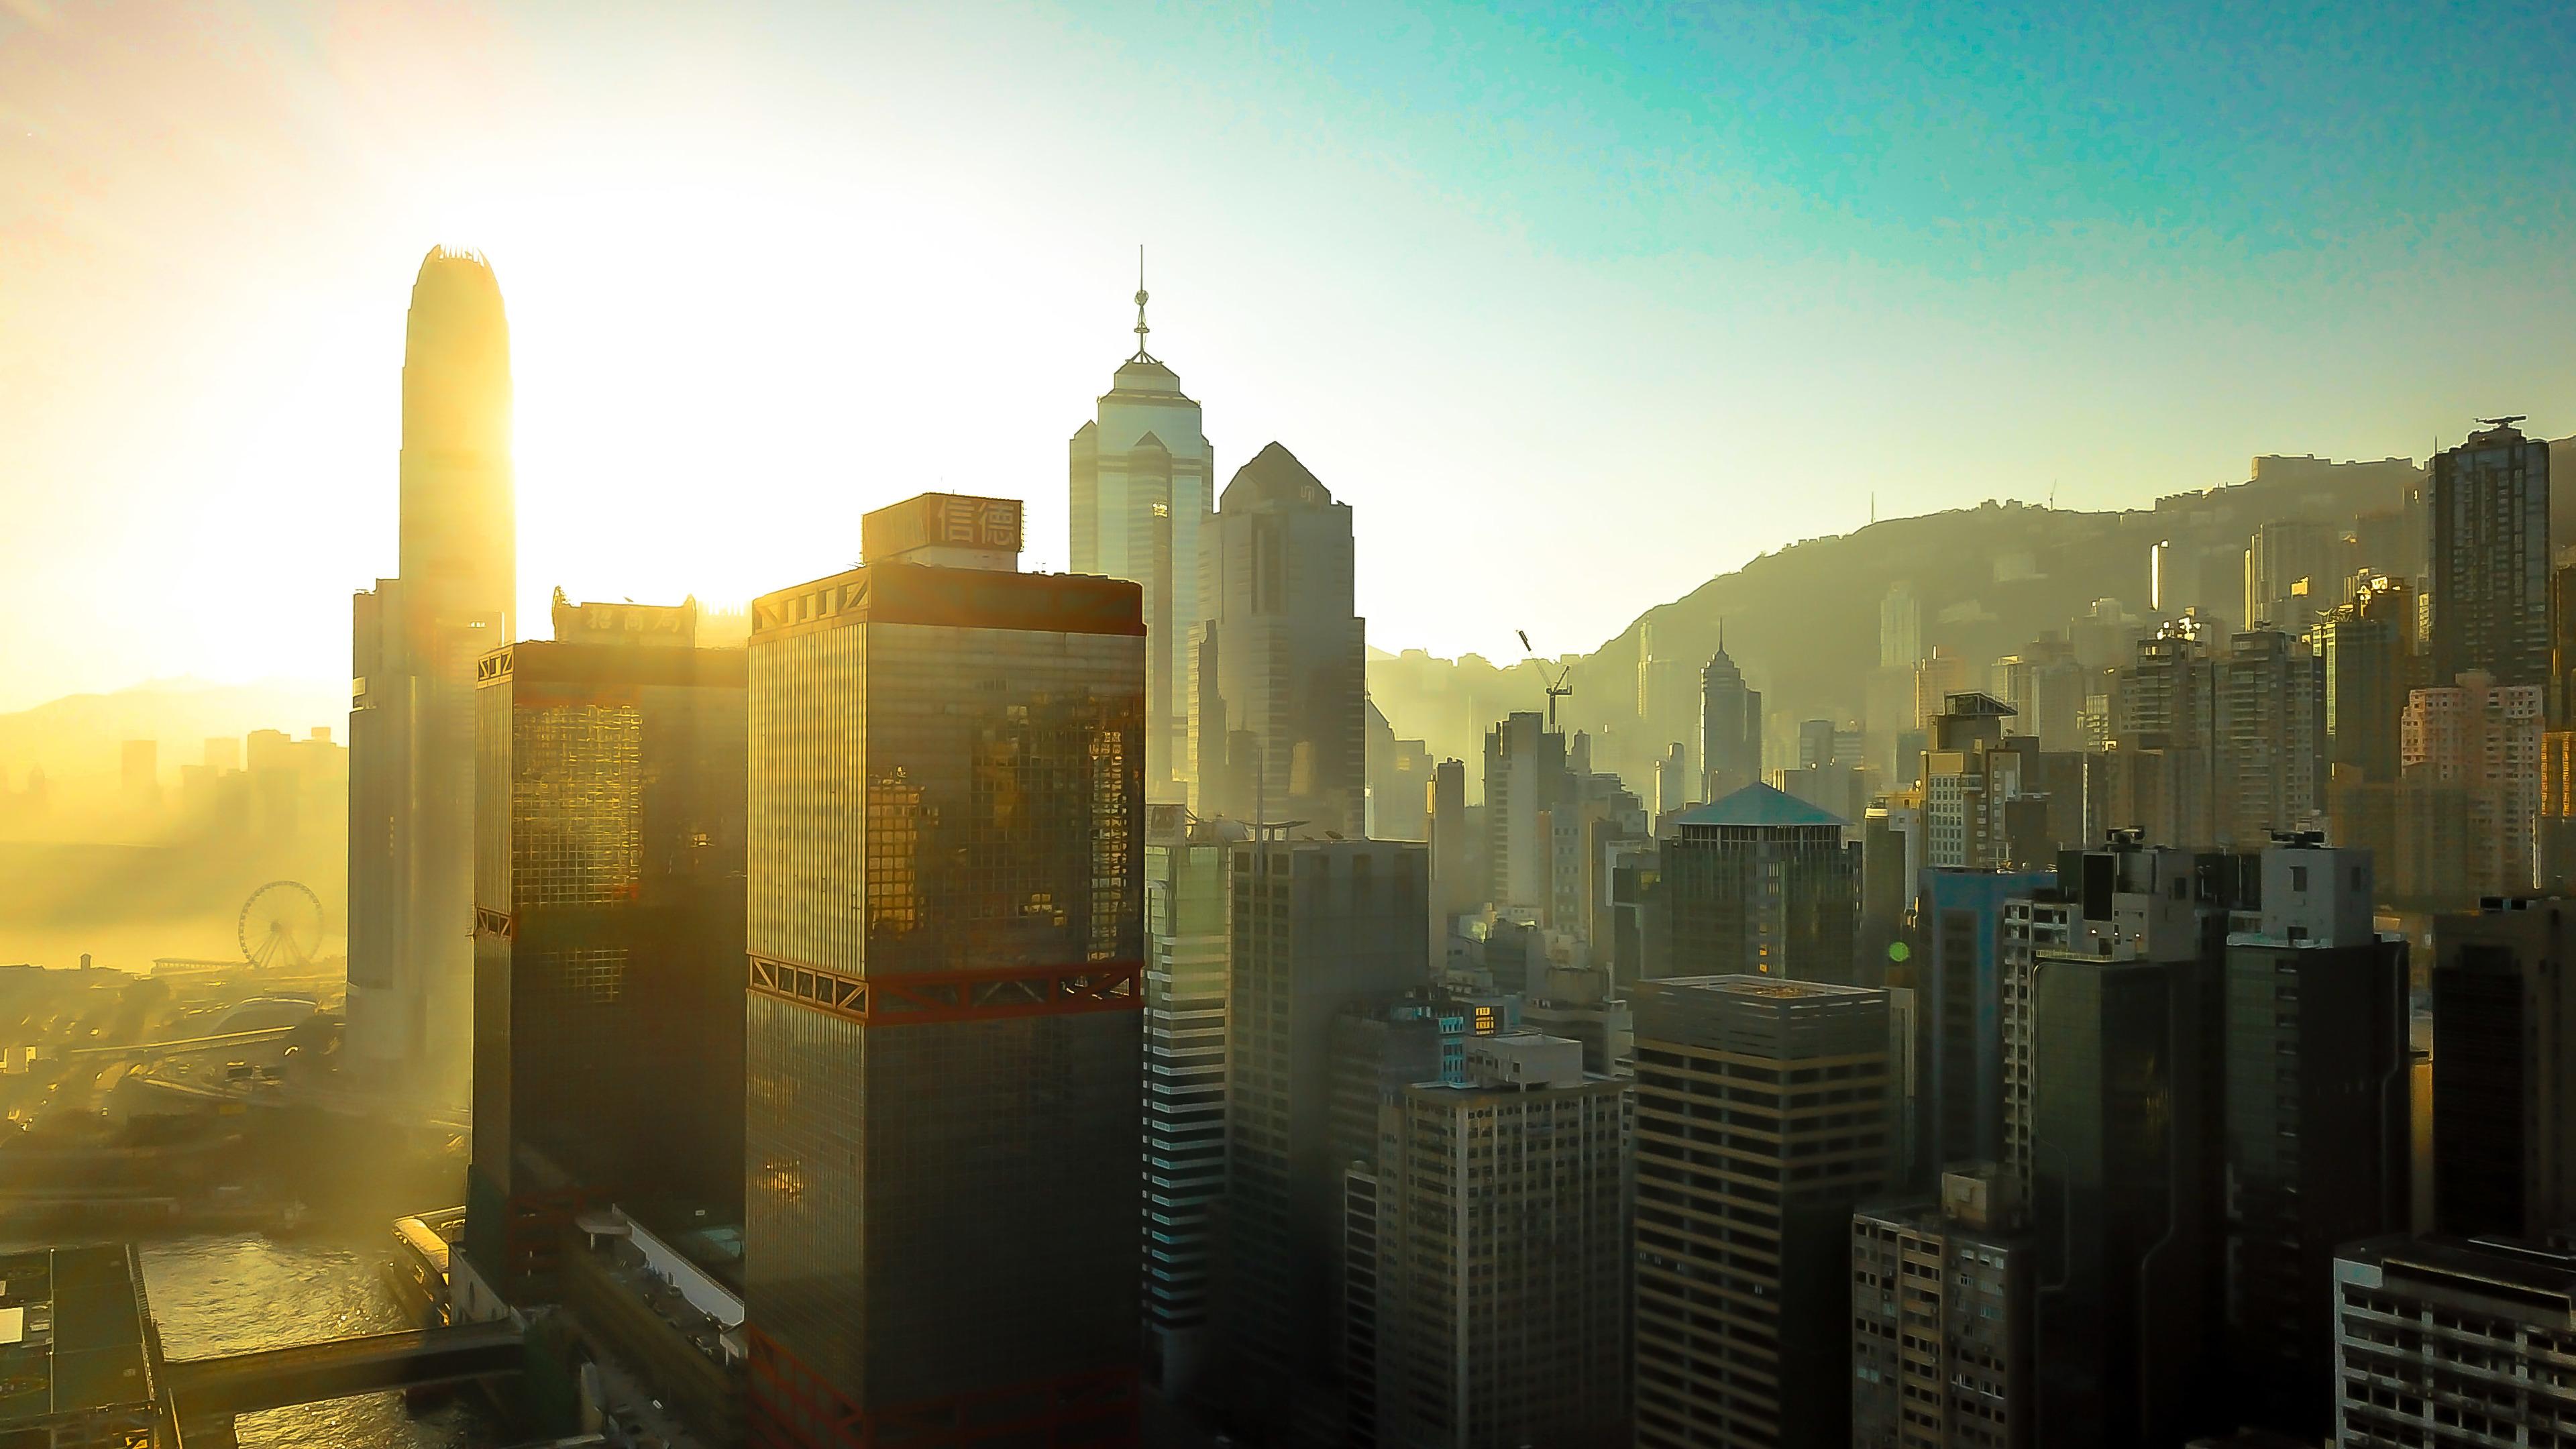 hongkong buildings skycrapper city 4k 1538069530 - Hongkong Buildings Skycrapper City 4k - world wallpapers, skycrapper wallpapers, hong kong wallpapers, hd-wallpapers, city wallpapers, buildings wallpapers, 4k-wallpapers